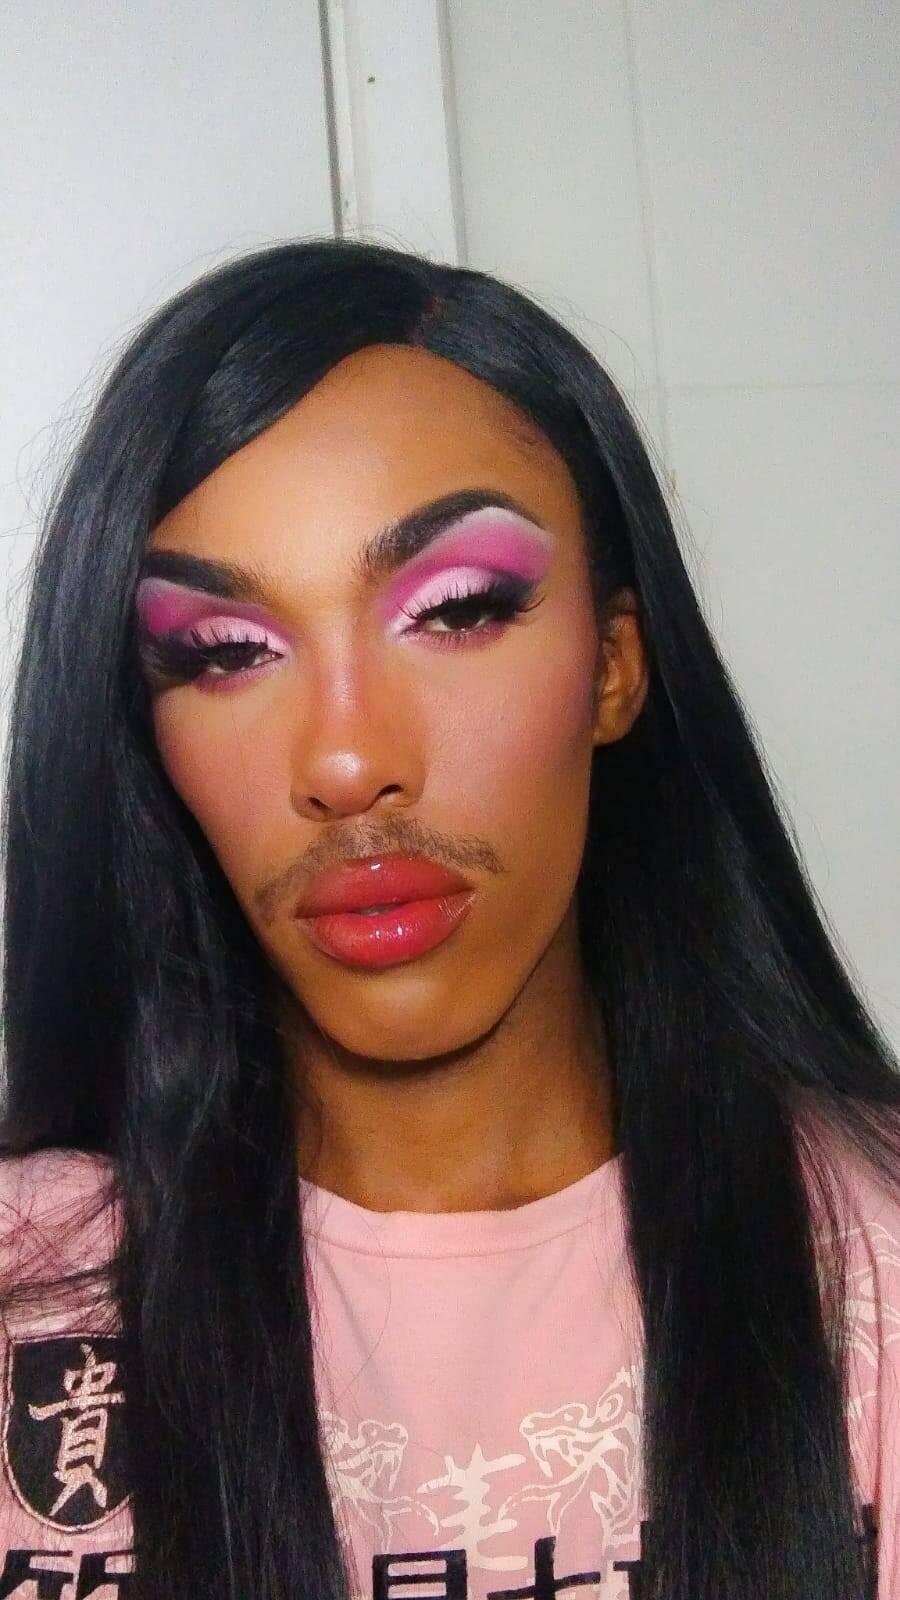 Alex Silva, artista não binário, diz que a maquiagem drag é comumente mais marcada, mas pode também pender para o básico. Foto: Acervo pessoal